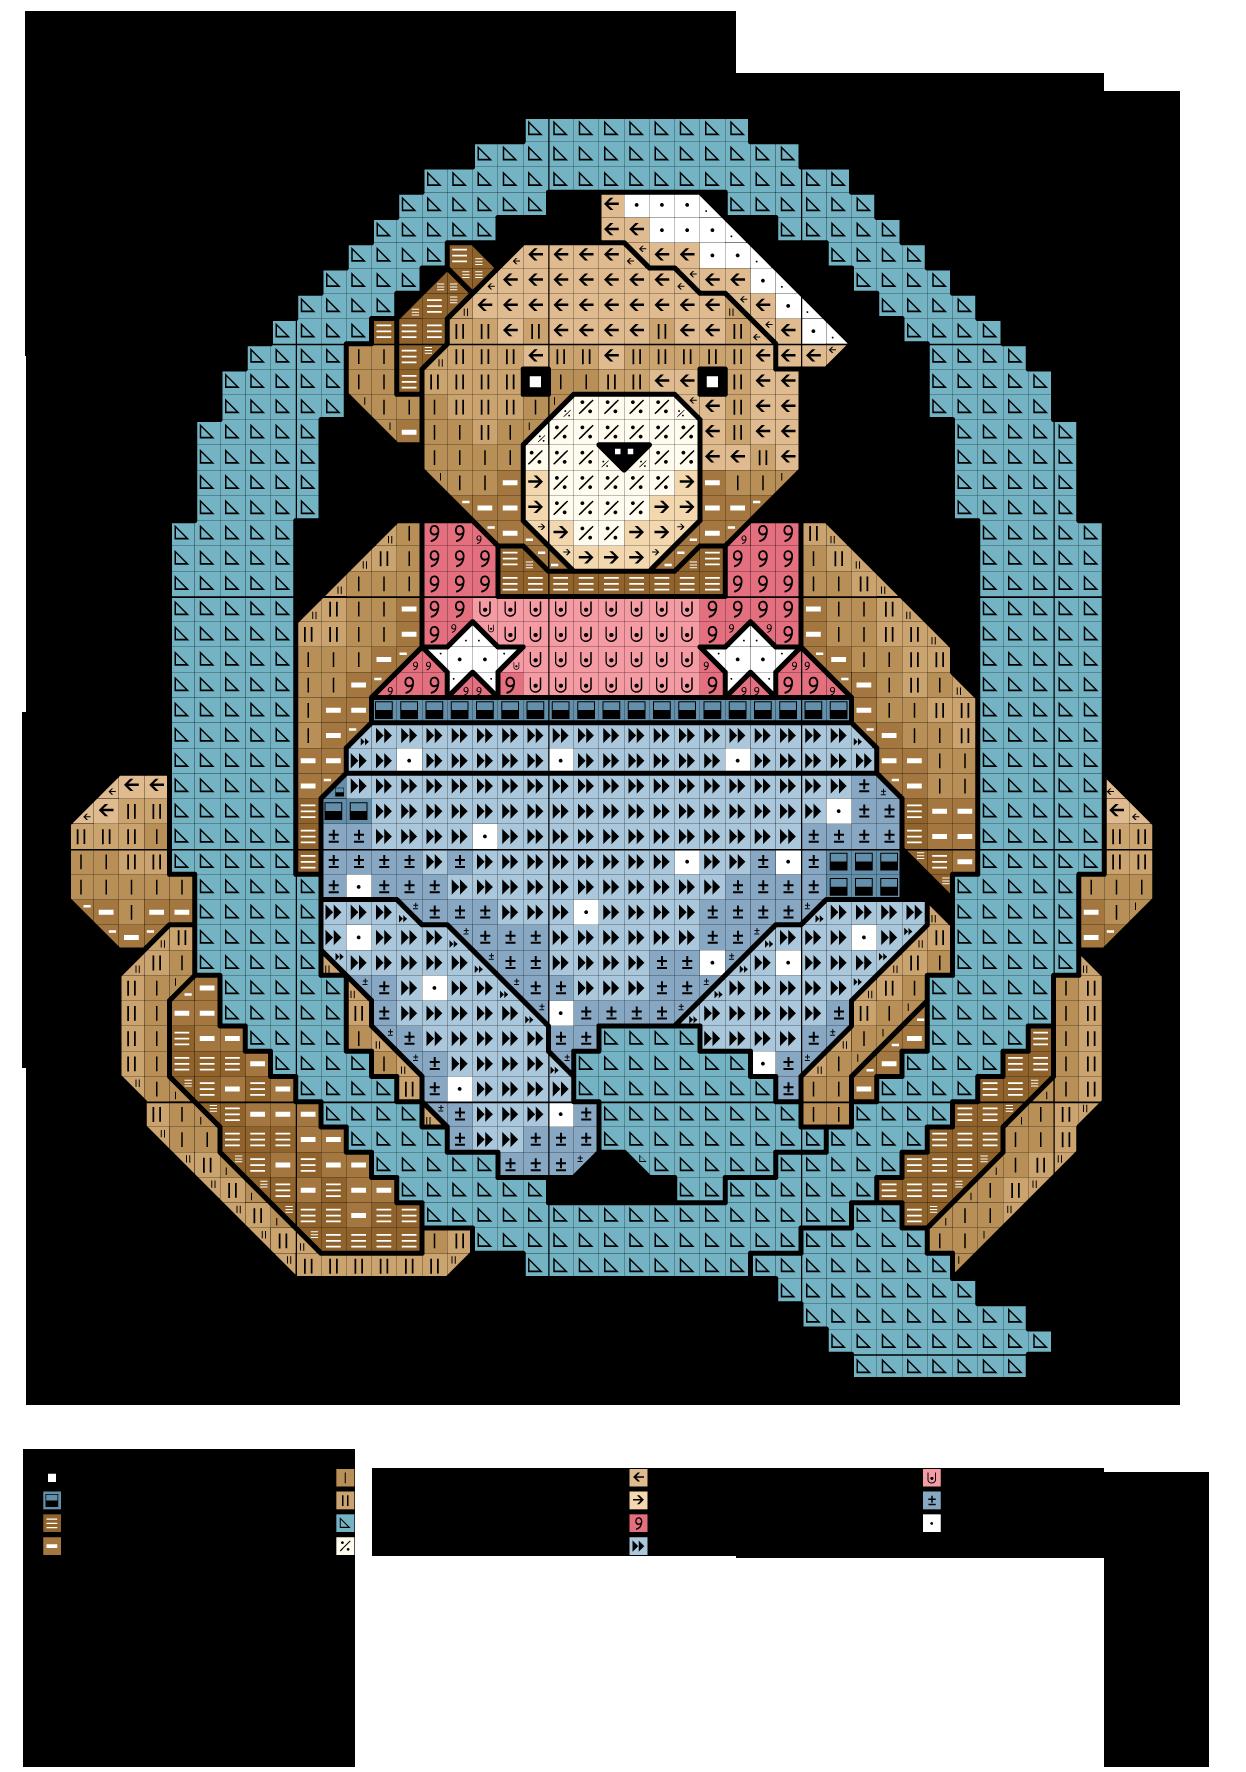 alfabeto degli orsacchiotti2: Q